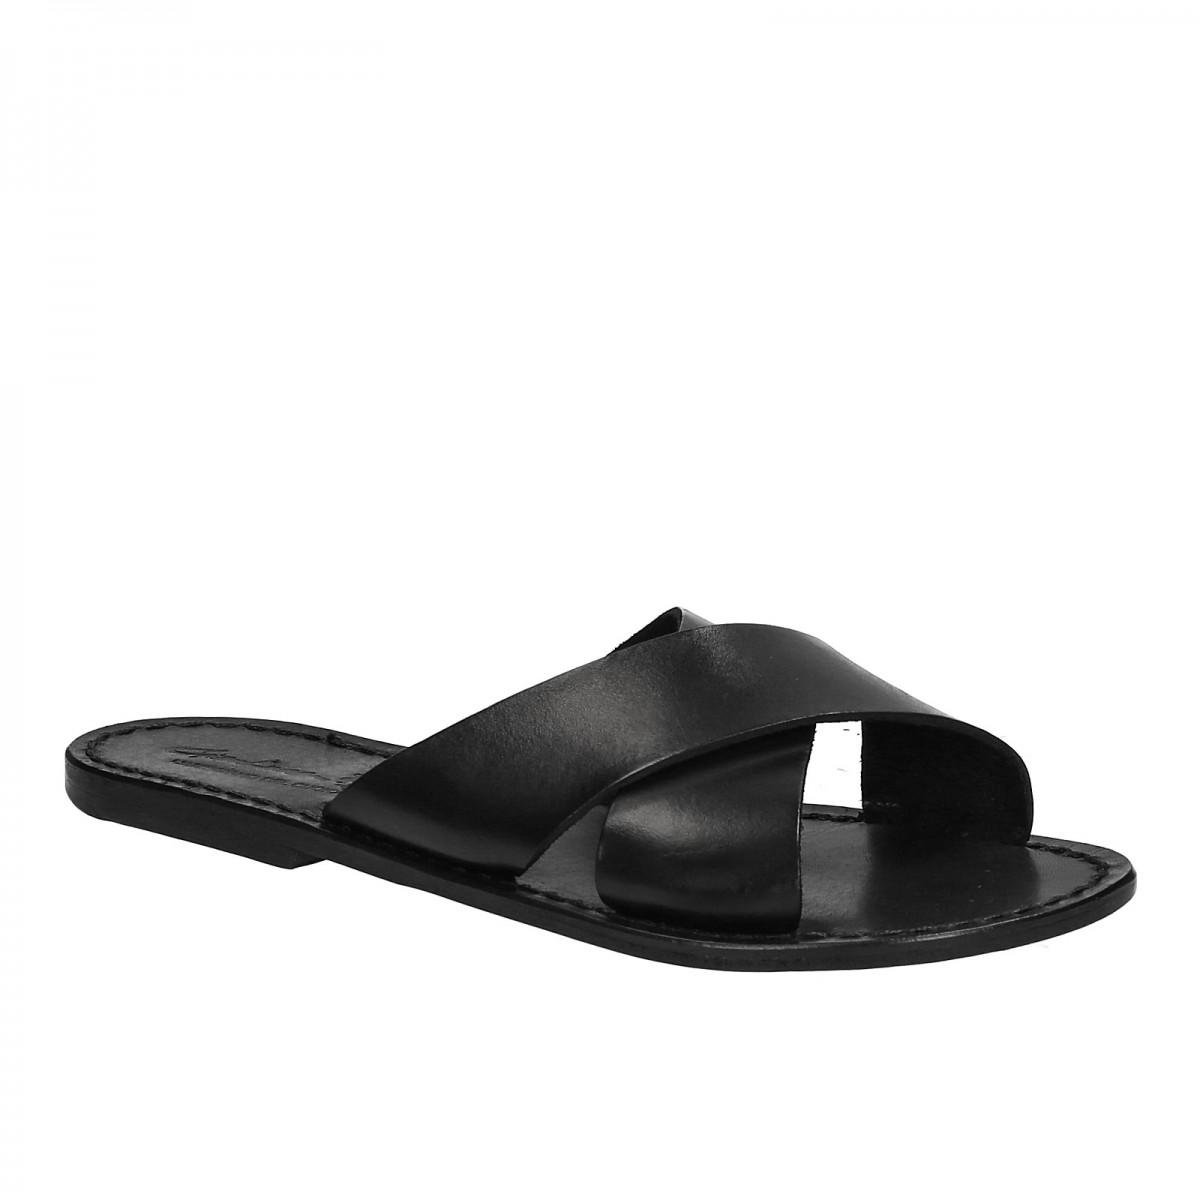 984e94b40612a Claquettes en cuir noir pour femme artisanales | Gianluca - L ...